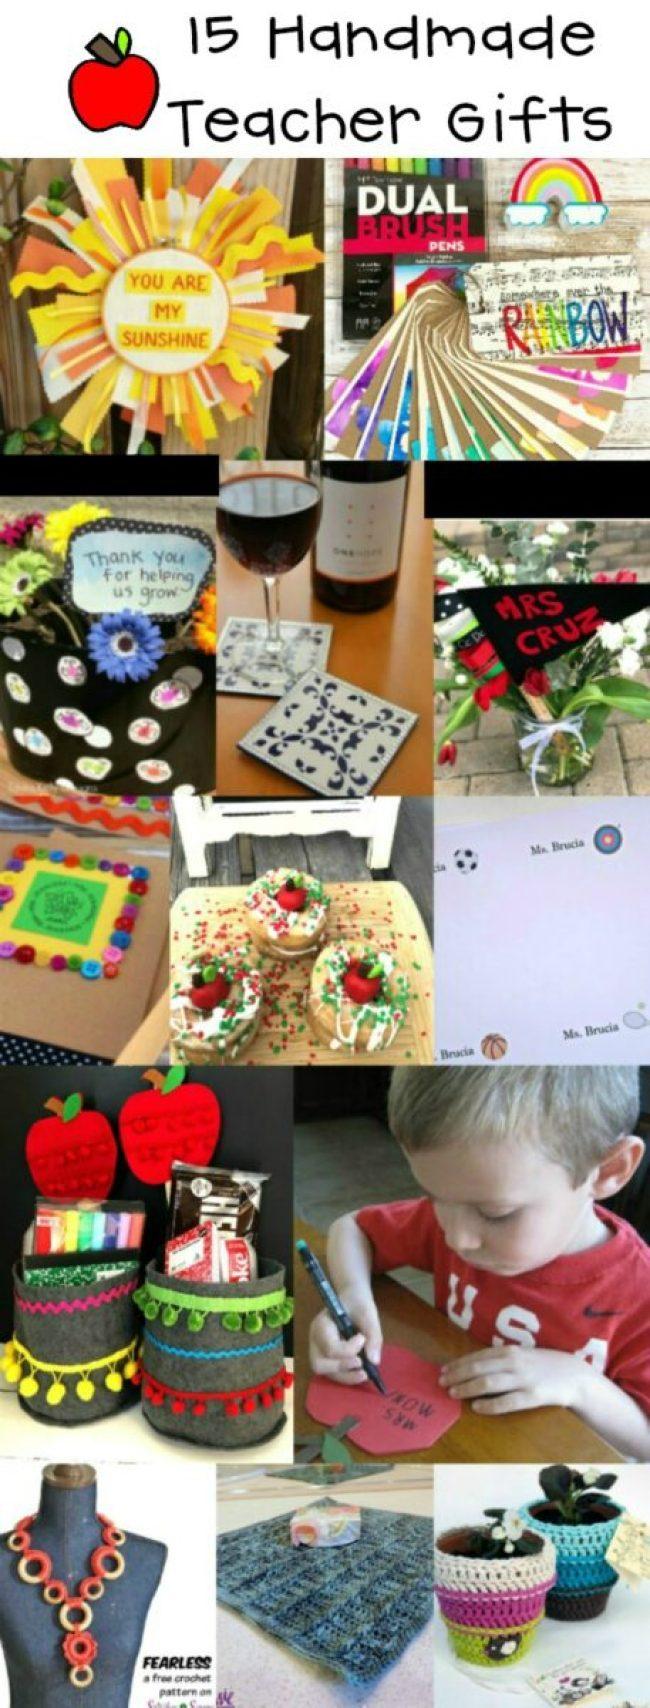 15 Handmade Teacher Gift Ideas